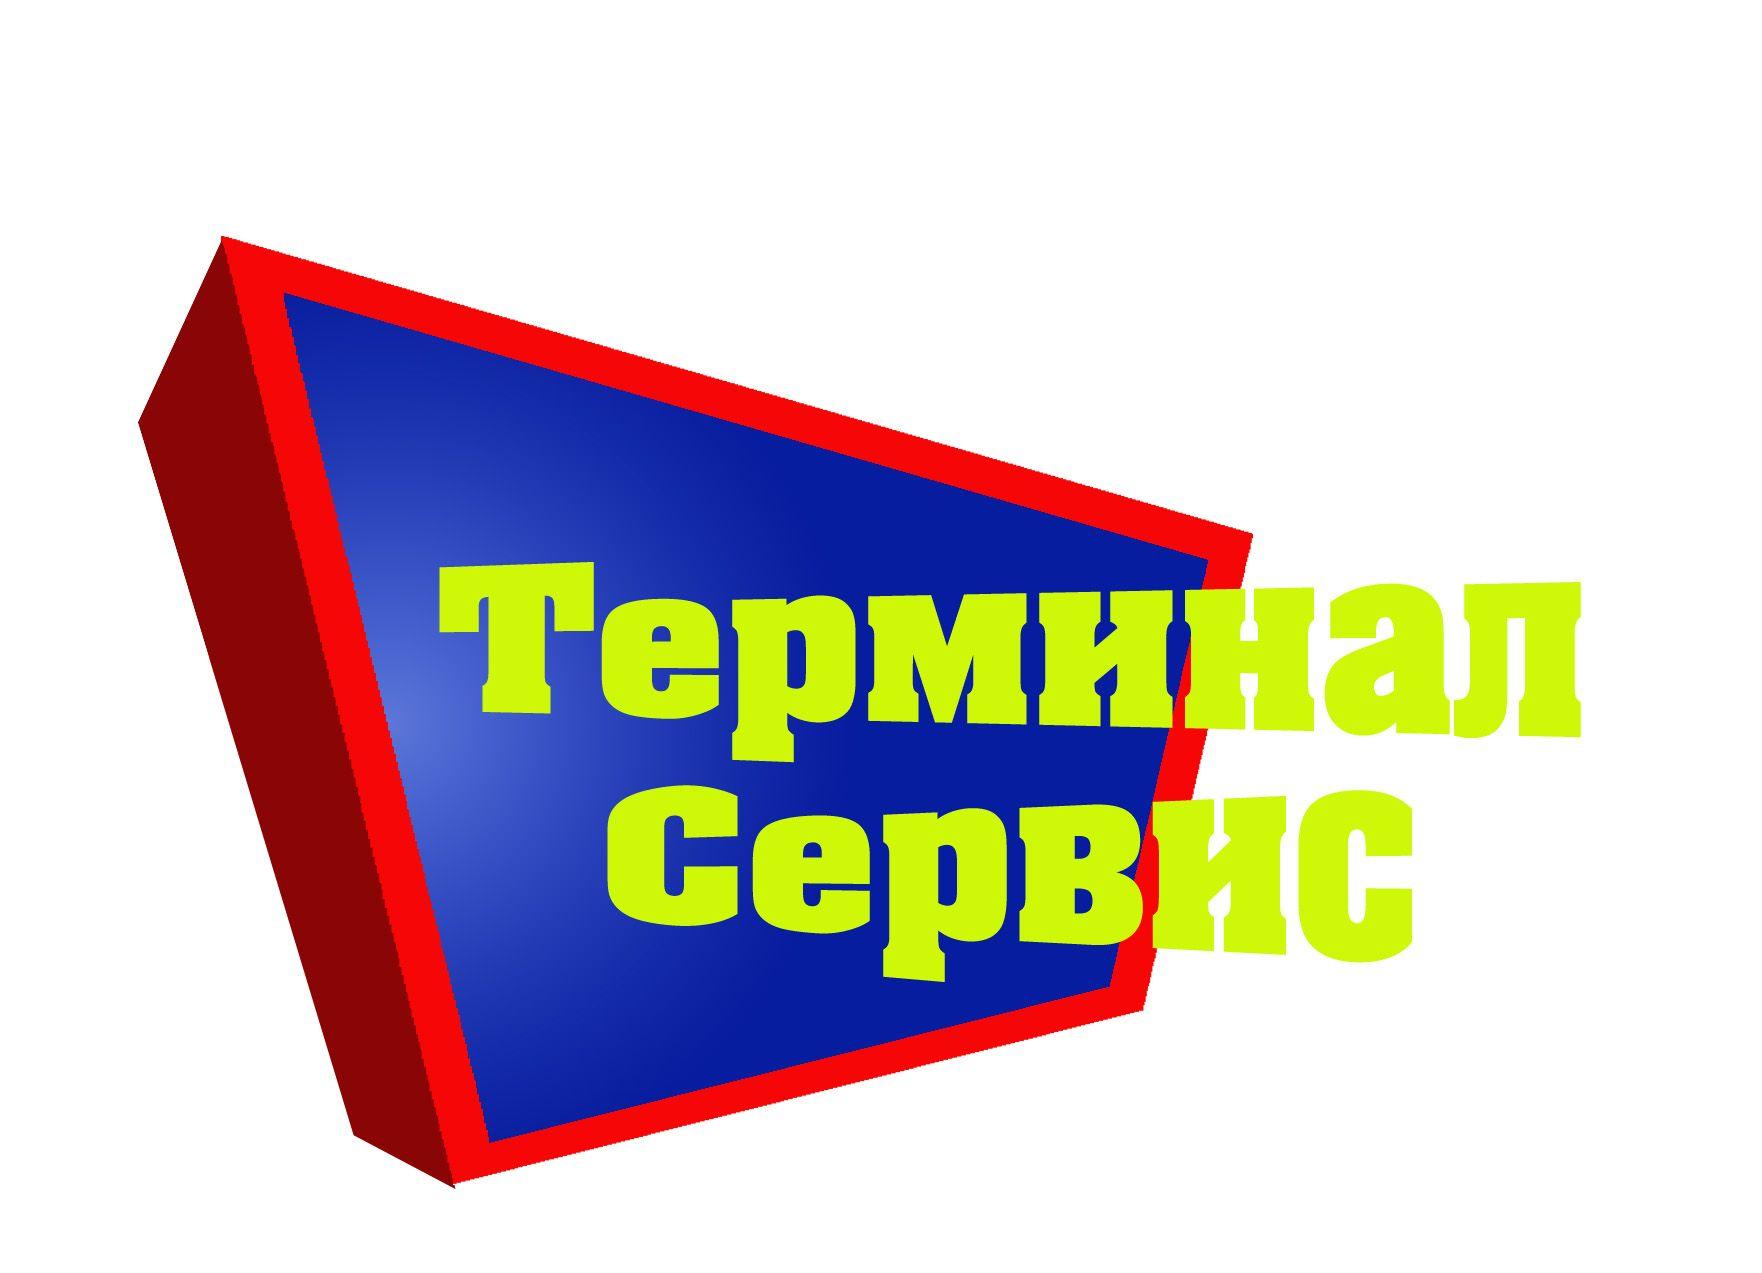 Требуется обновление логотипа компании - дизайнер Velo16